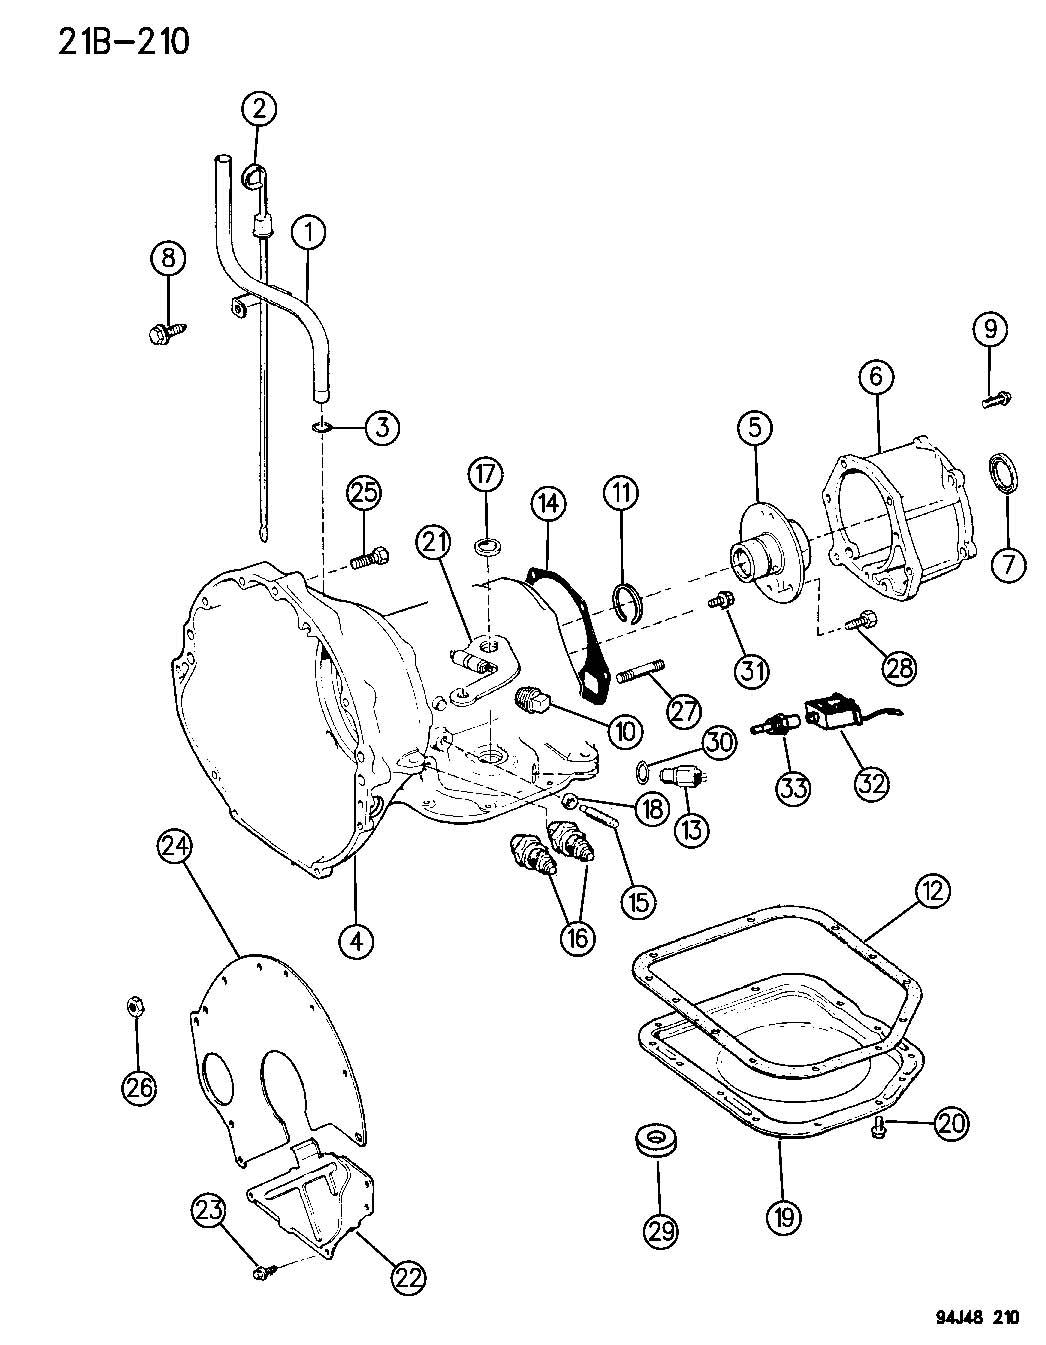 32rh transmission valve body diagram